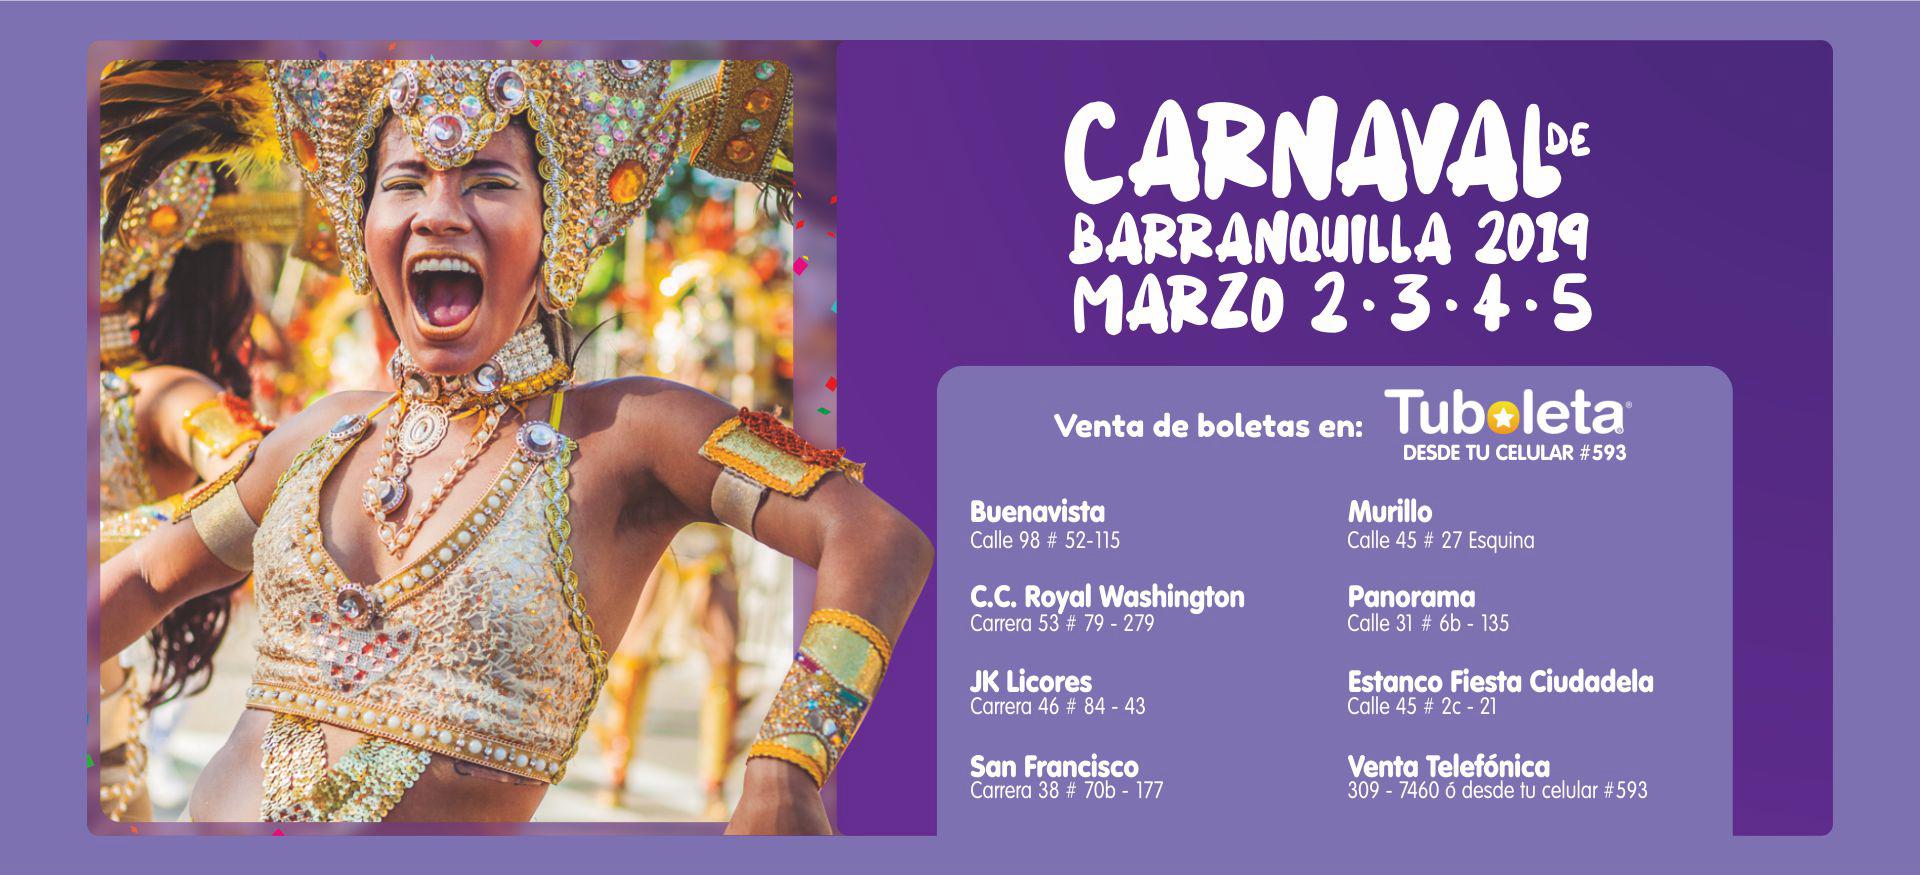 Desde el 1° de octubre disponible boletería para los desfiles del Carnaval 2019